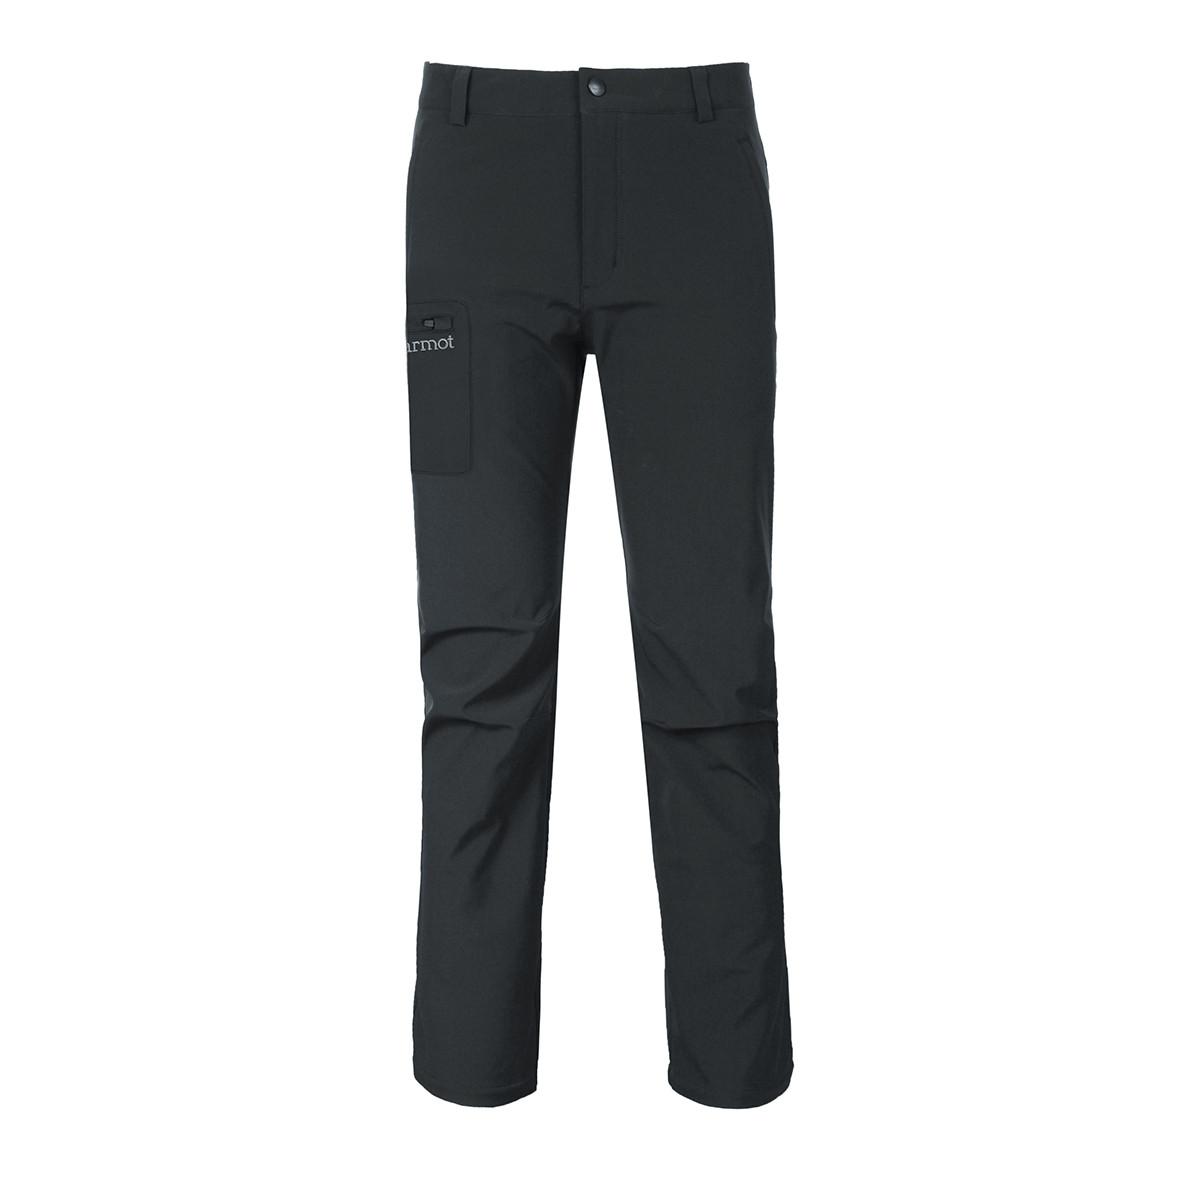 土拨鼠土拨鼠Marmot 新款防风防泼水保暖透气男士M1软壳裤V809831137